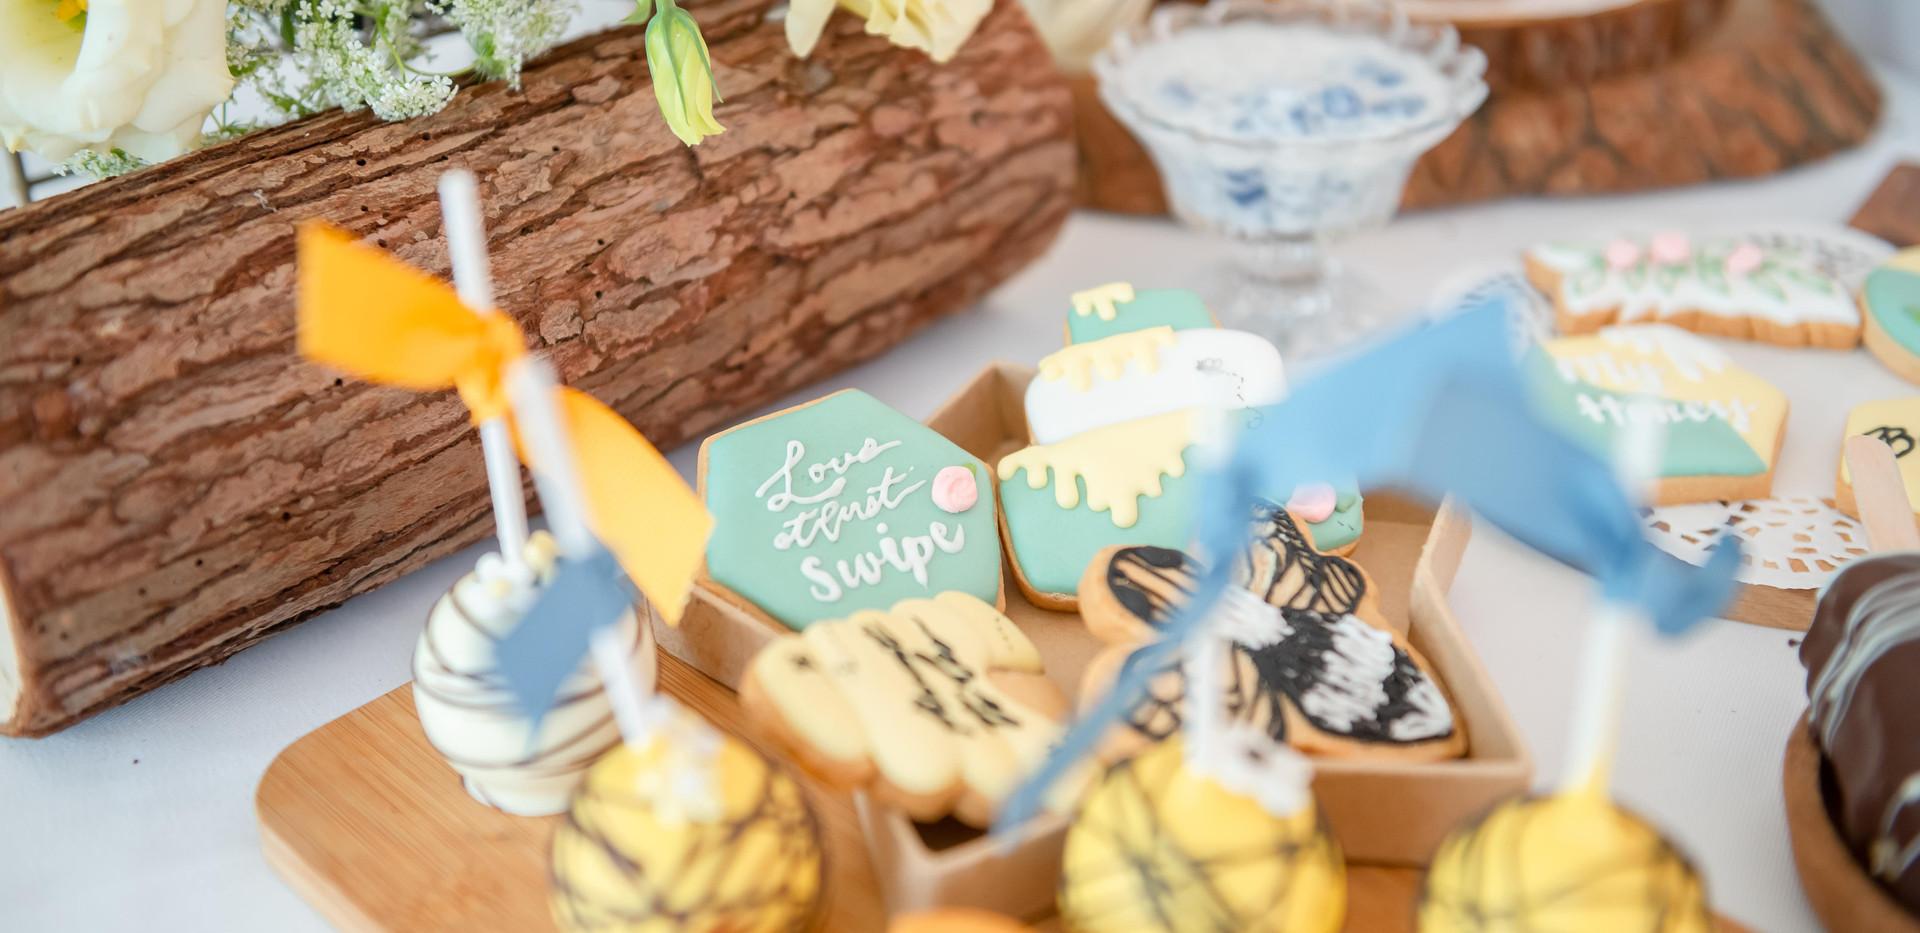 嗡嗡小蜜蜂 - DIY生日派對包4.jpg